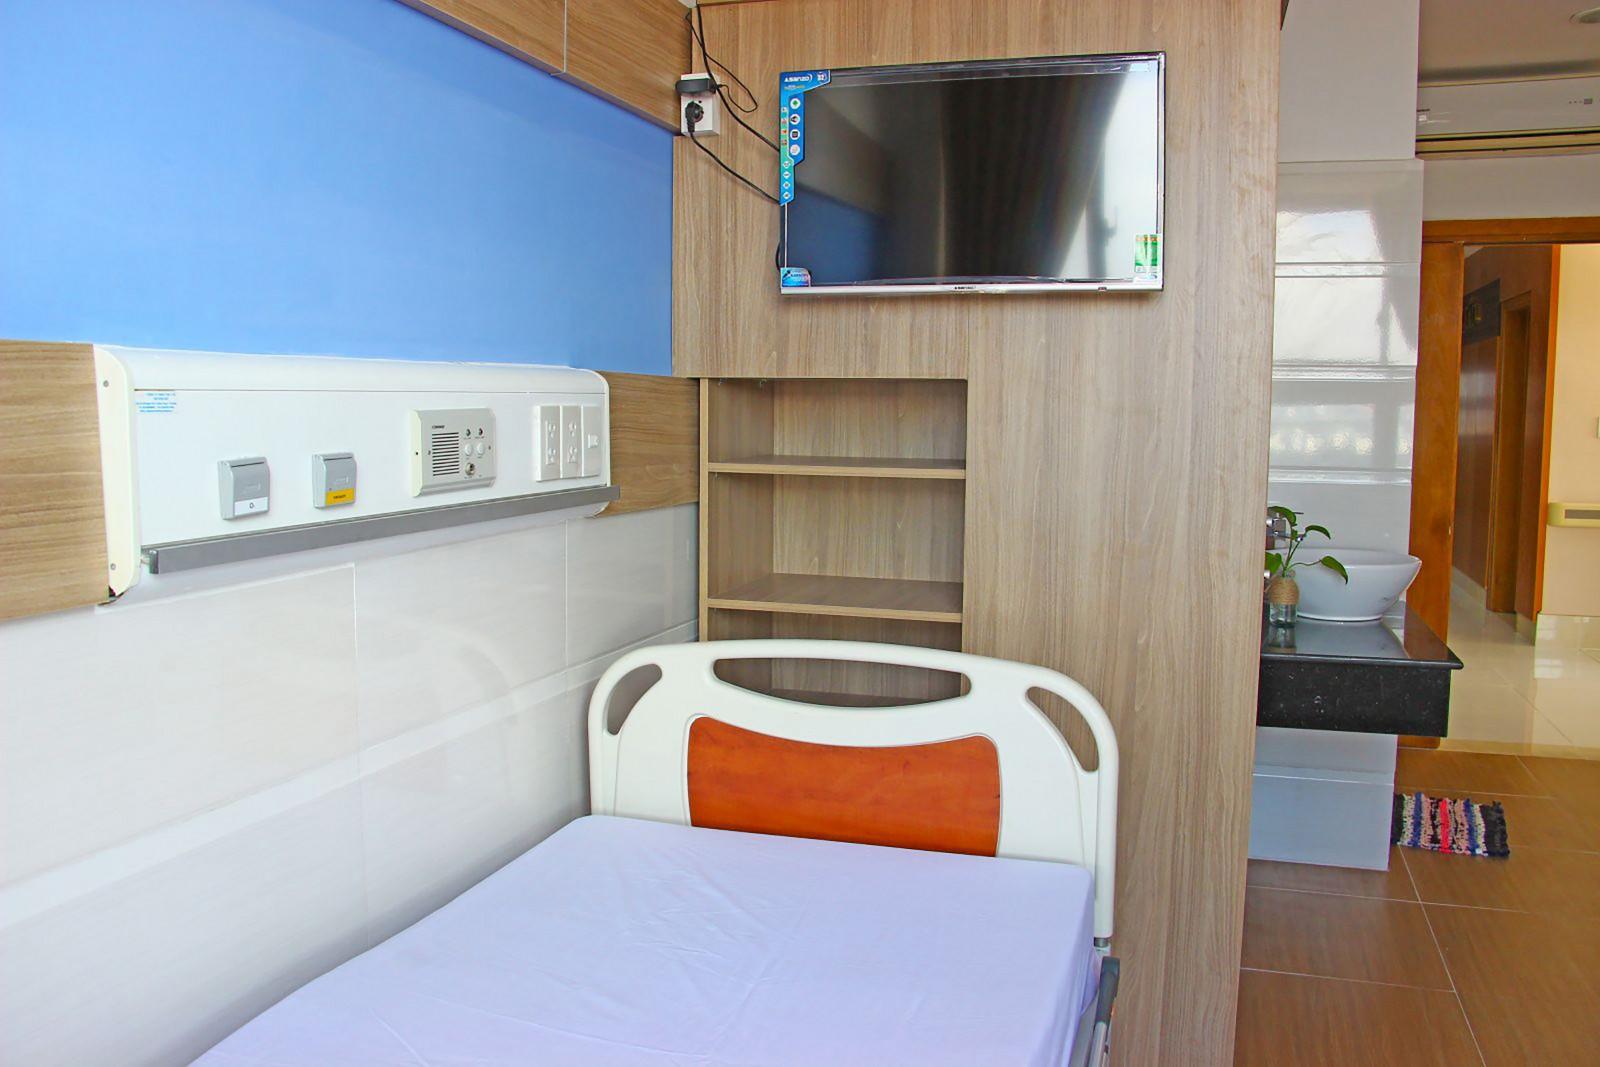 Phòng bệnh được trang bị theo tiêu chuẩn tiện nghi khách sạn. Ảnh: THU SƯƠNG